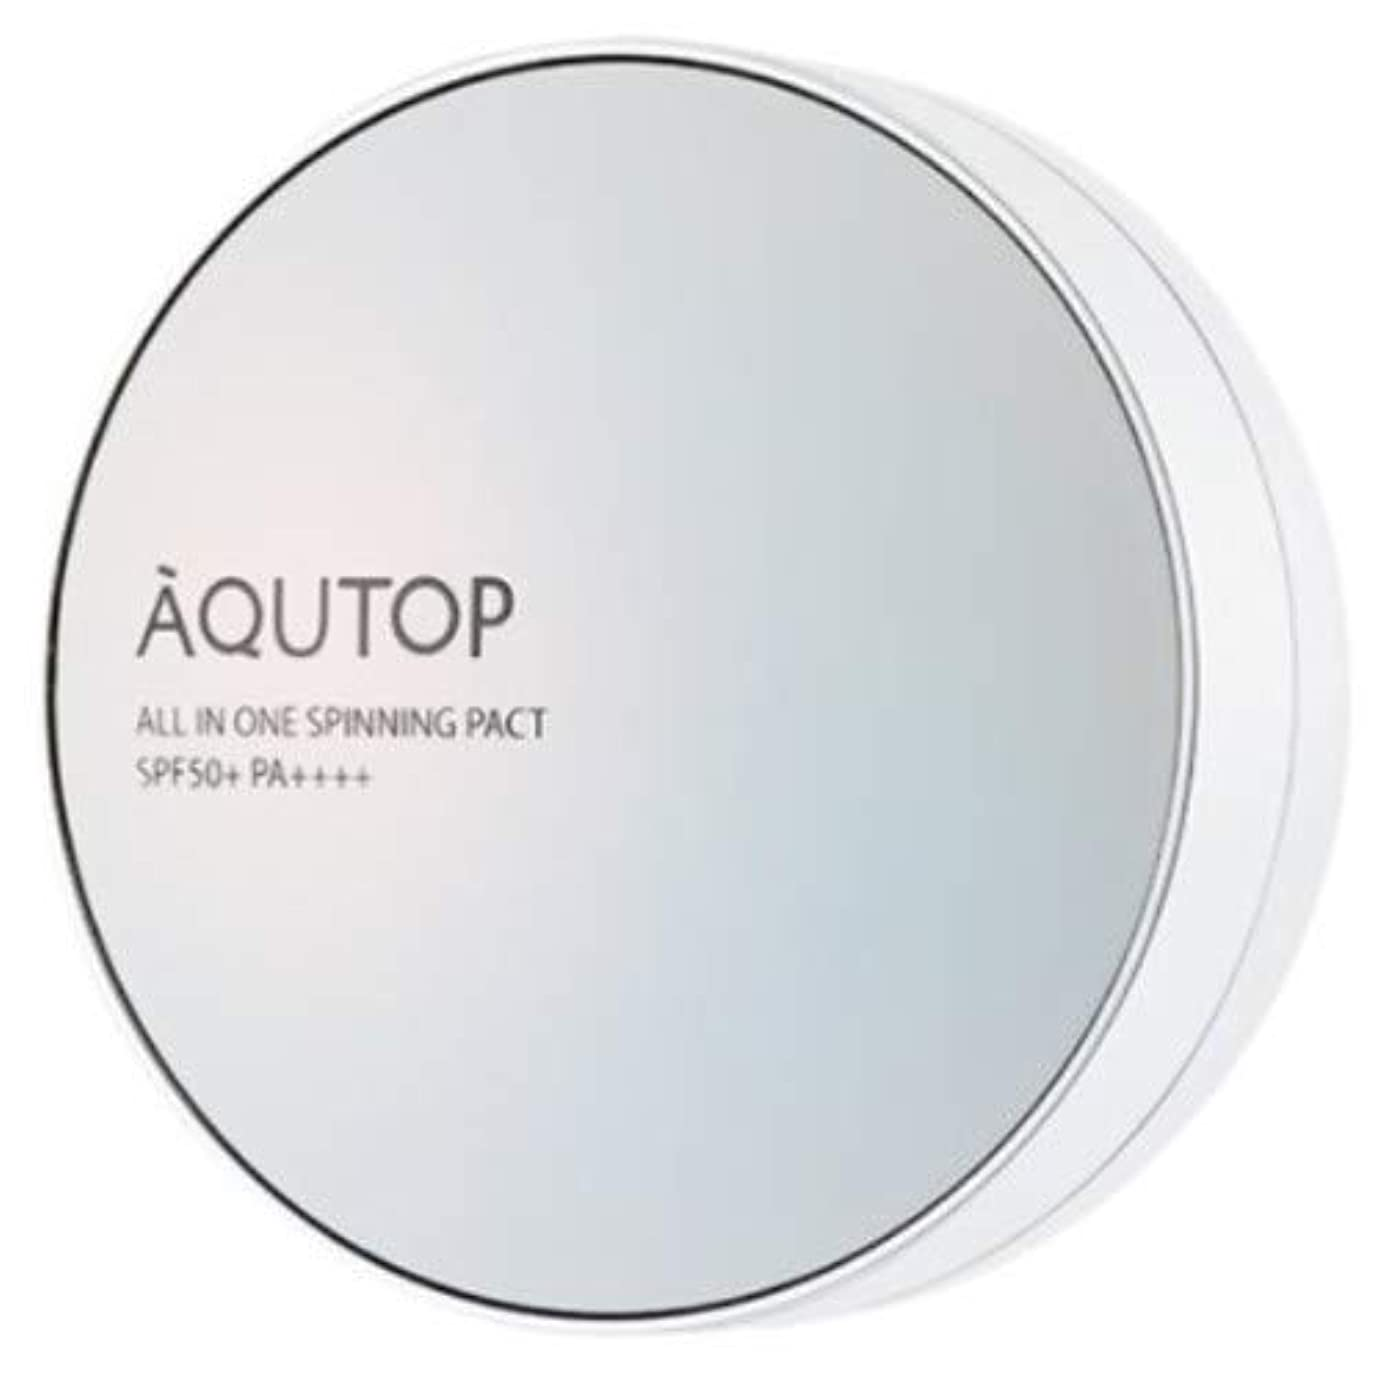 寄付するオピエートマーク[AQUTOP] アクタップオールインワンスピニングファクト SPF 50+ PA ++++ / AQUTOP ALL IN ONE SPINNING PACT [並行輸入品] (21号 ライトベージュ)